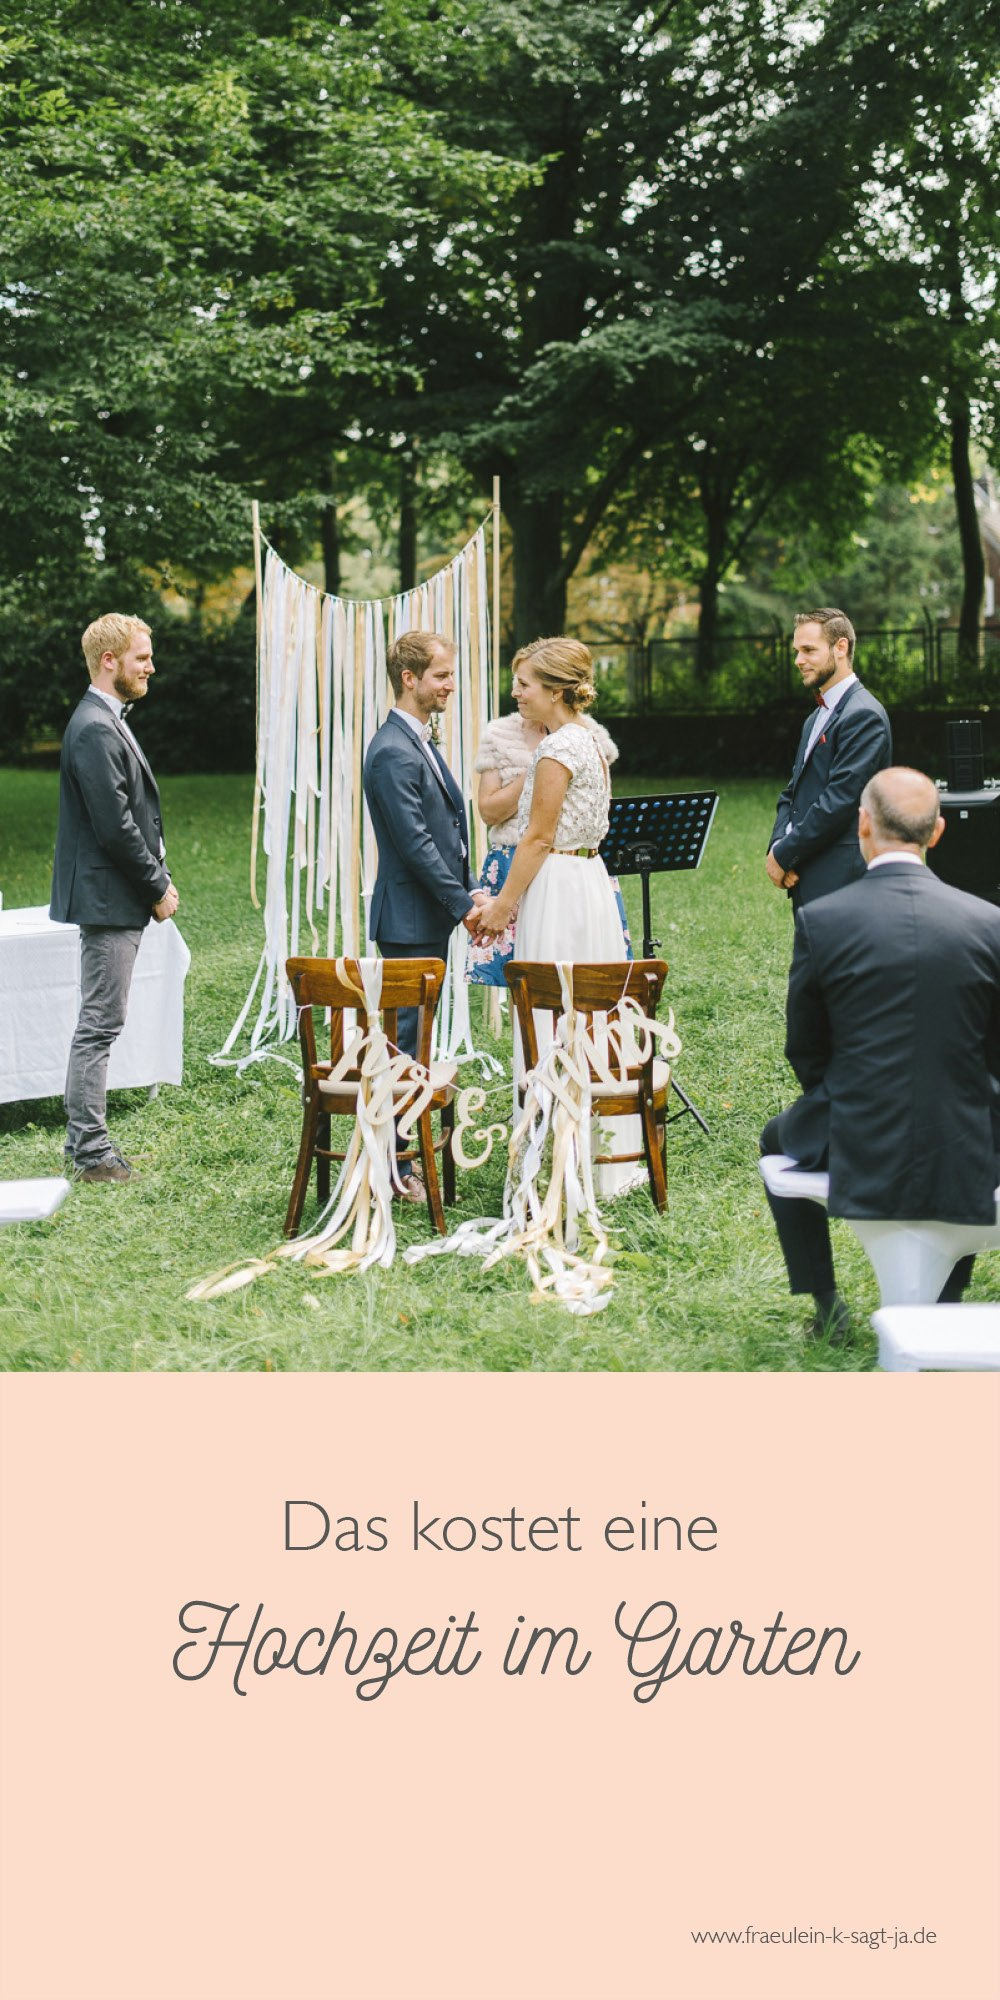 Kosten einer selbst organisierten Hochzeit im Garten